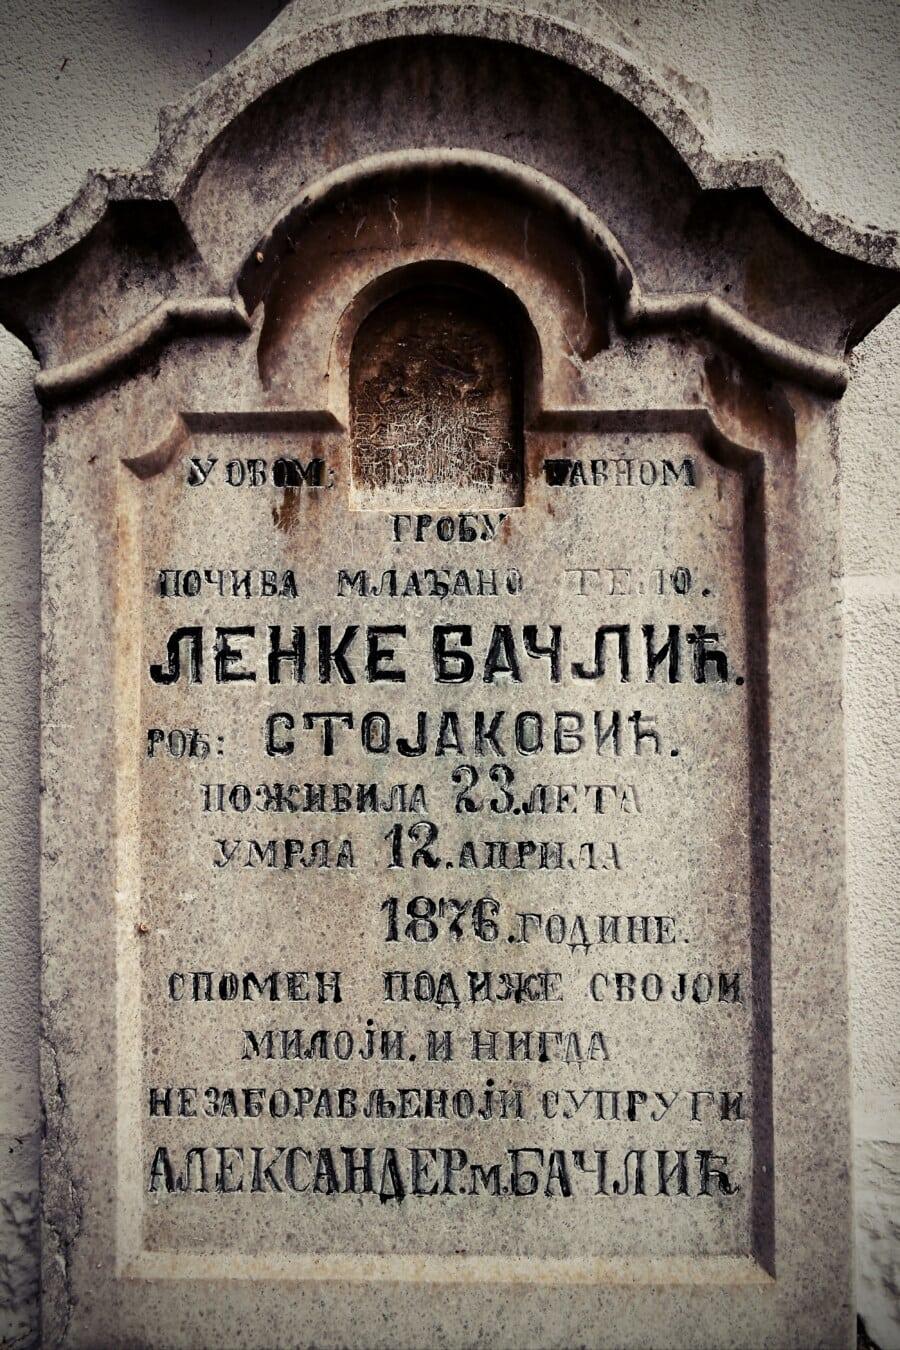 Pierre tombale, vieux, historique, Pierre tombale, cimetière, cyrillique, alphabet, spiritualité, enterrement, mort